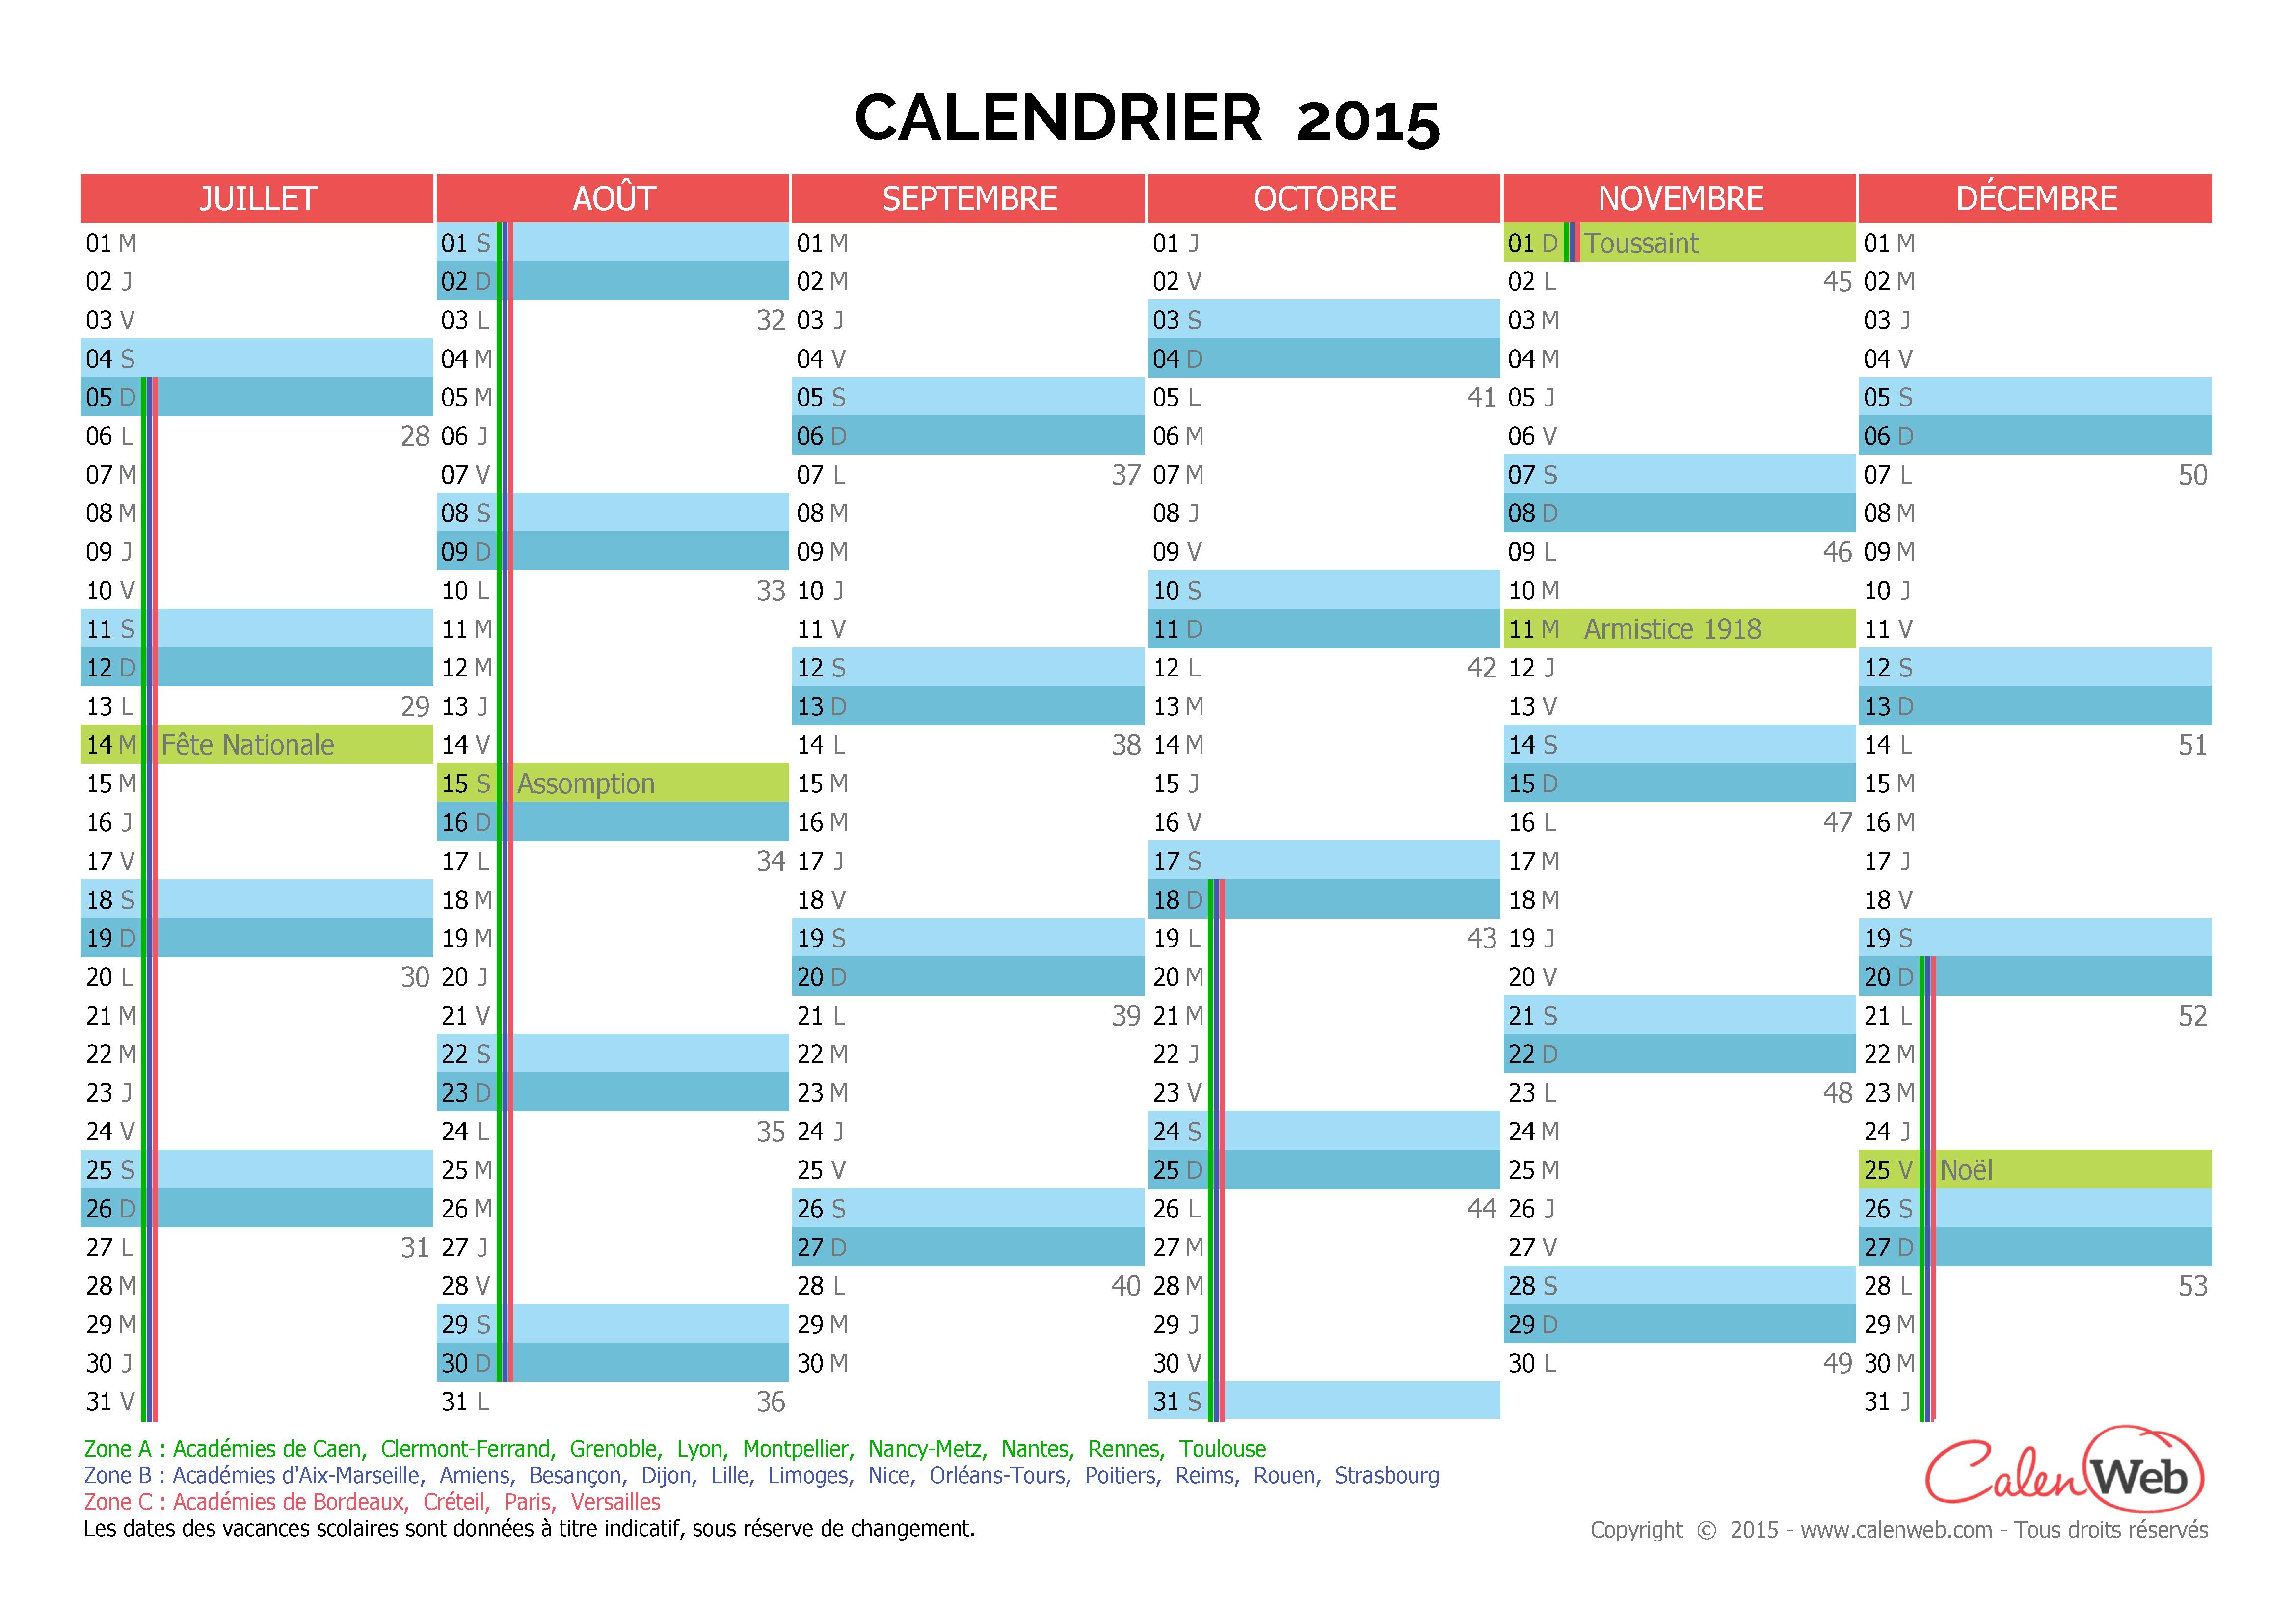 calendrier semestriel ann e 2015 avec jours f ri s et vacances scolaires. Black Bedroom Furniture Sets. Home Design Ideas